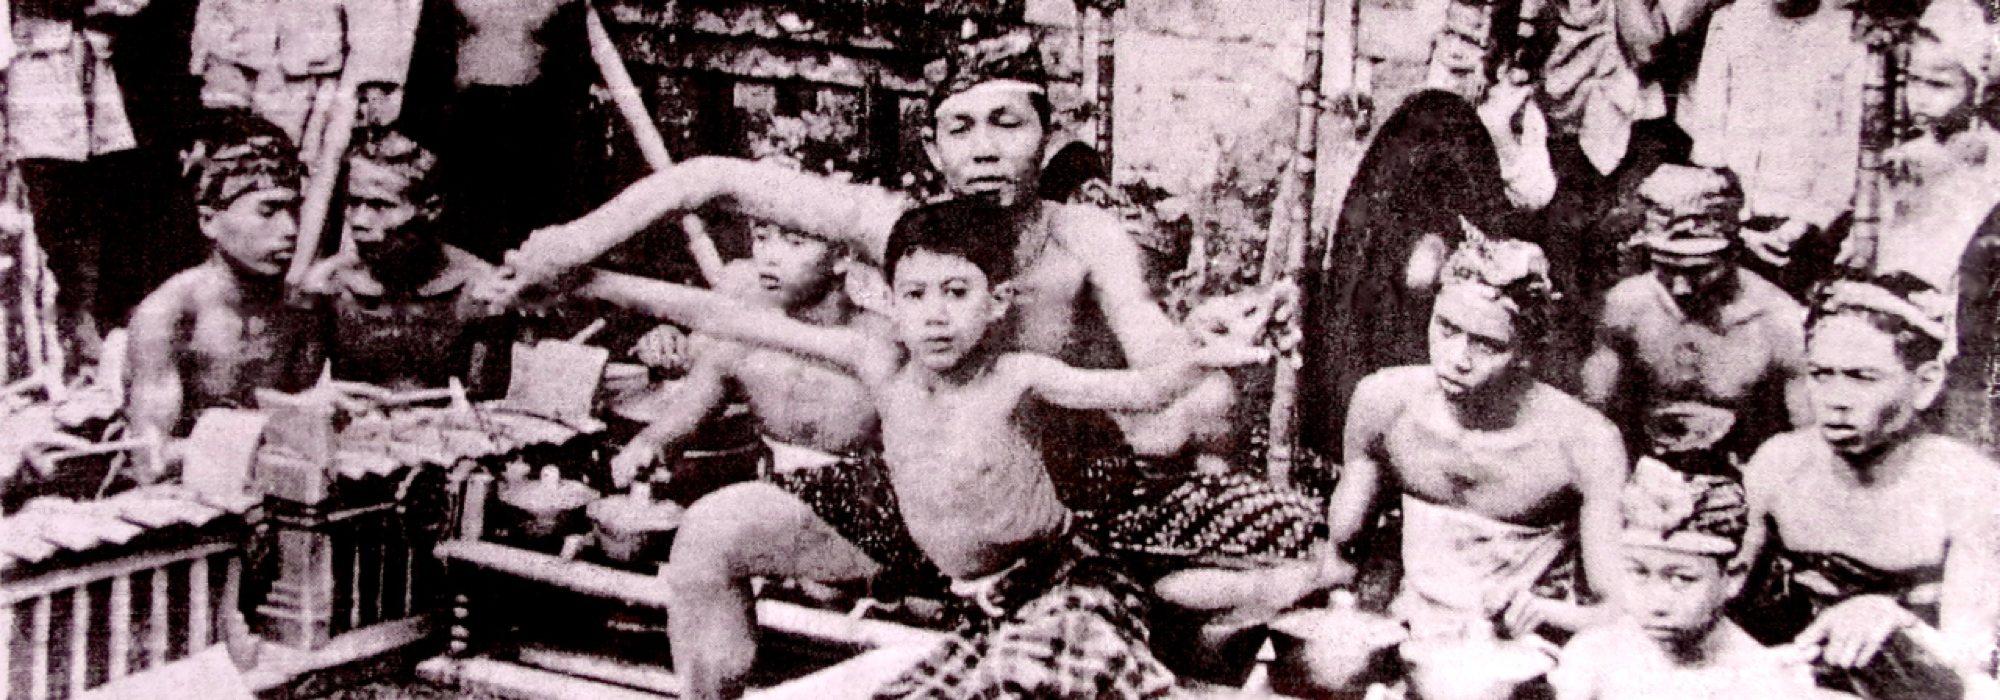 Kebyar style gamelan orchestra